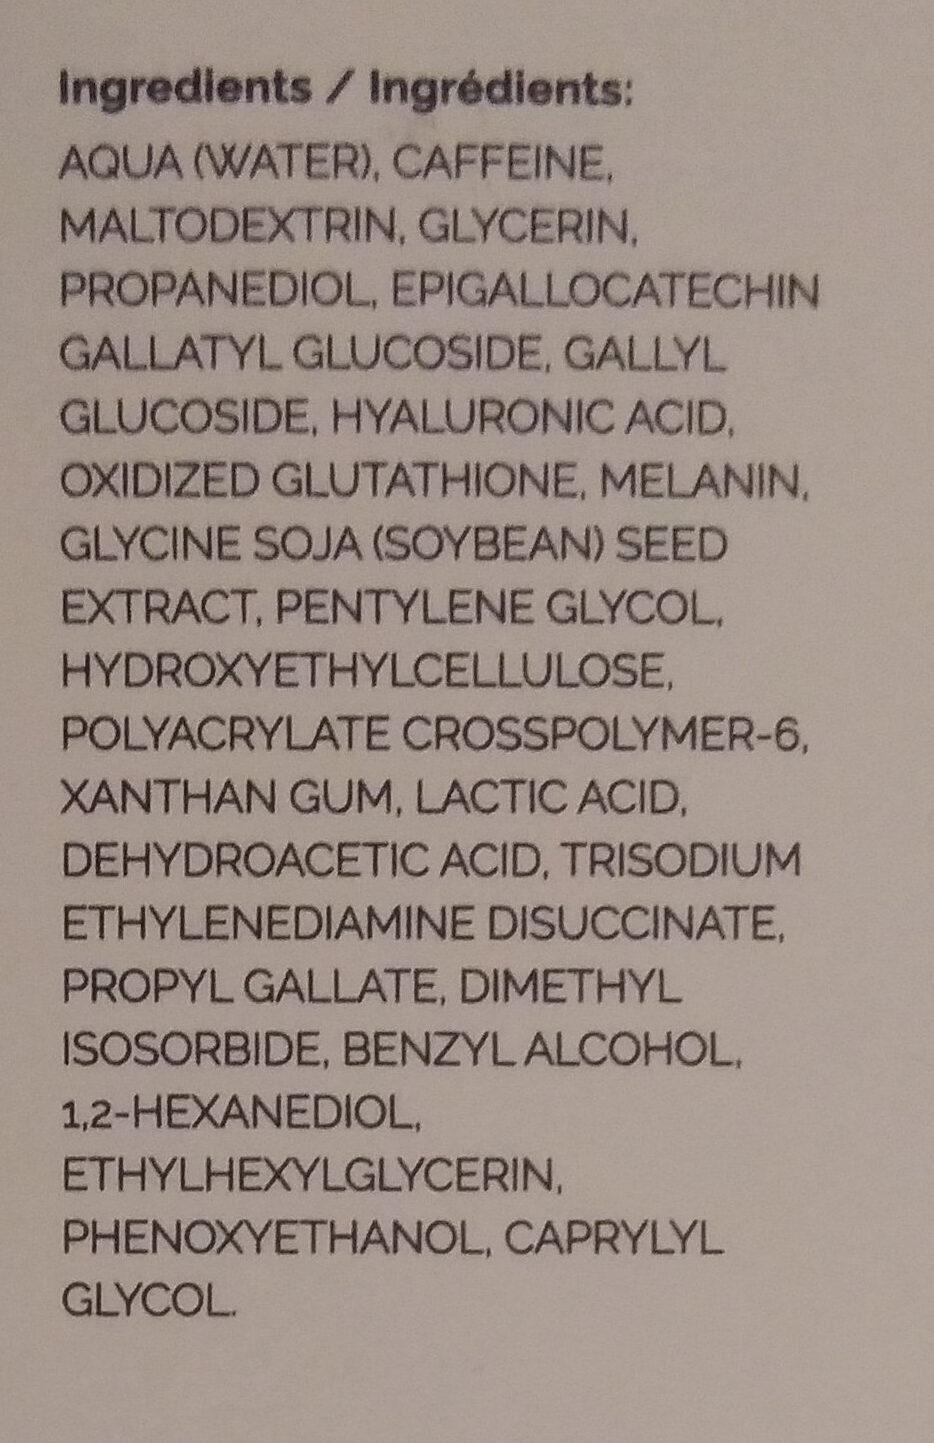 Caffeine Solution 5% + EGCG - Ingredients